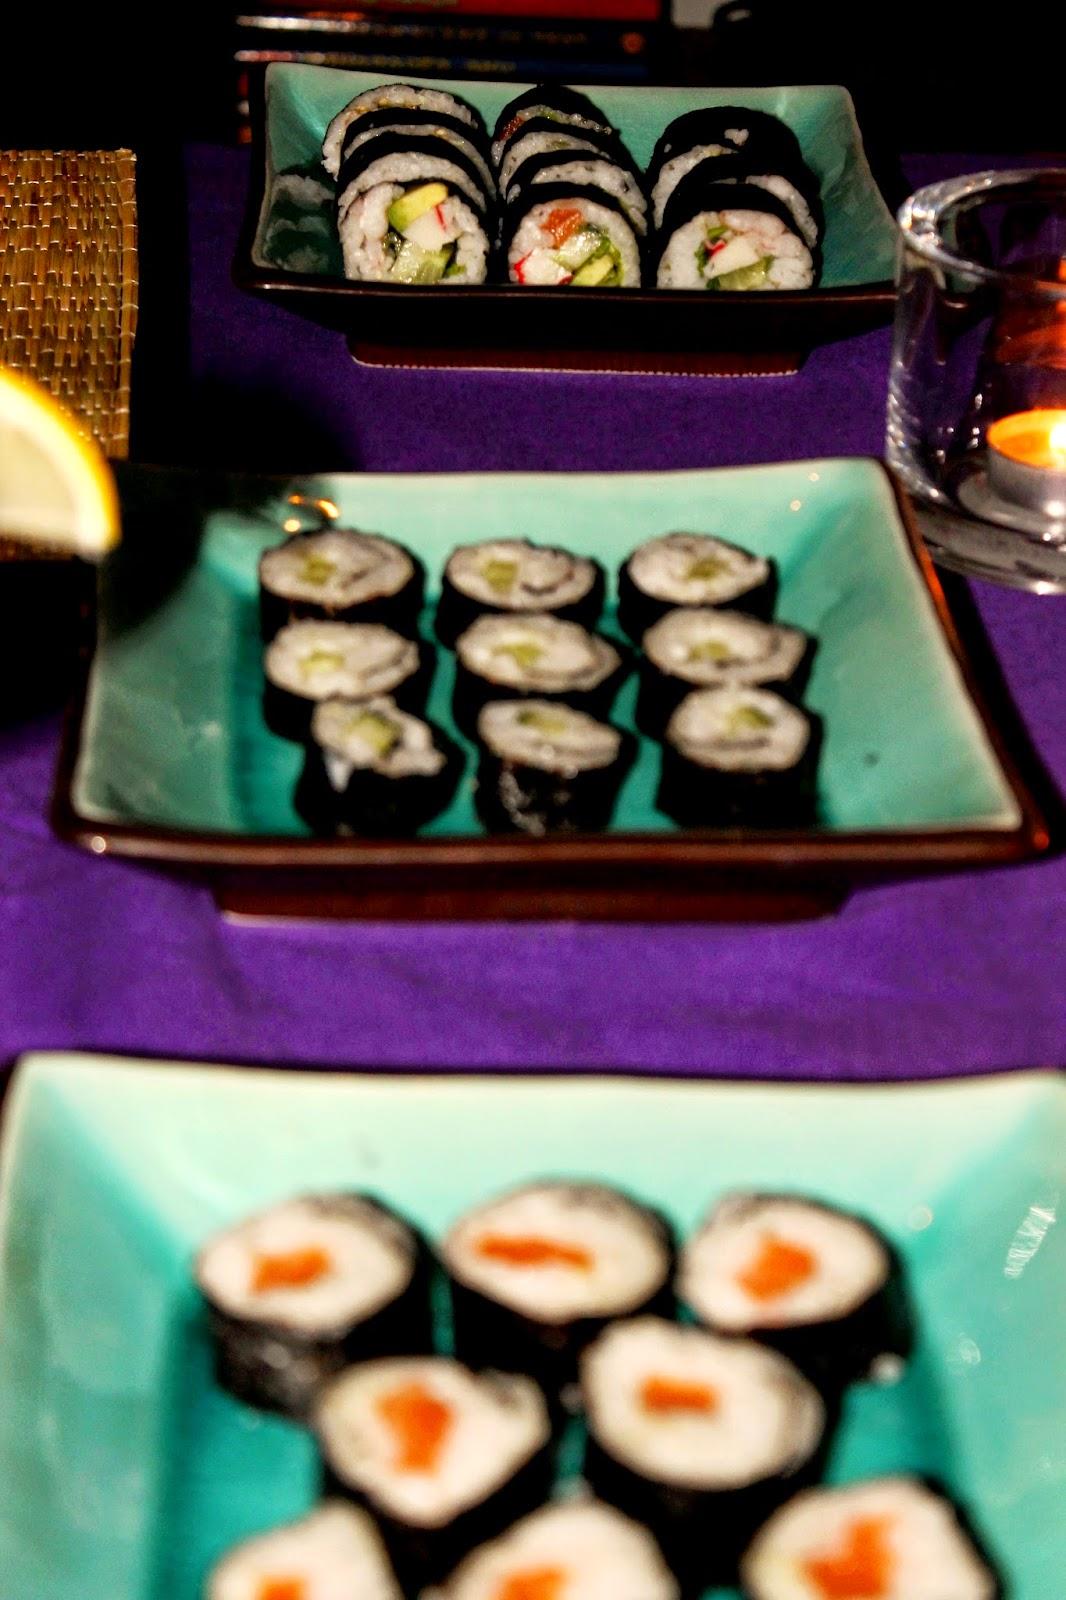 futomaki sushi maki rolls